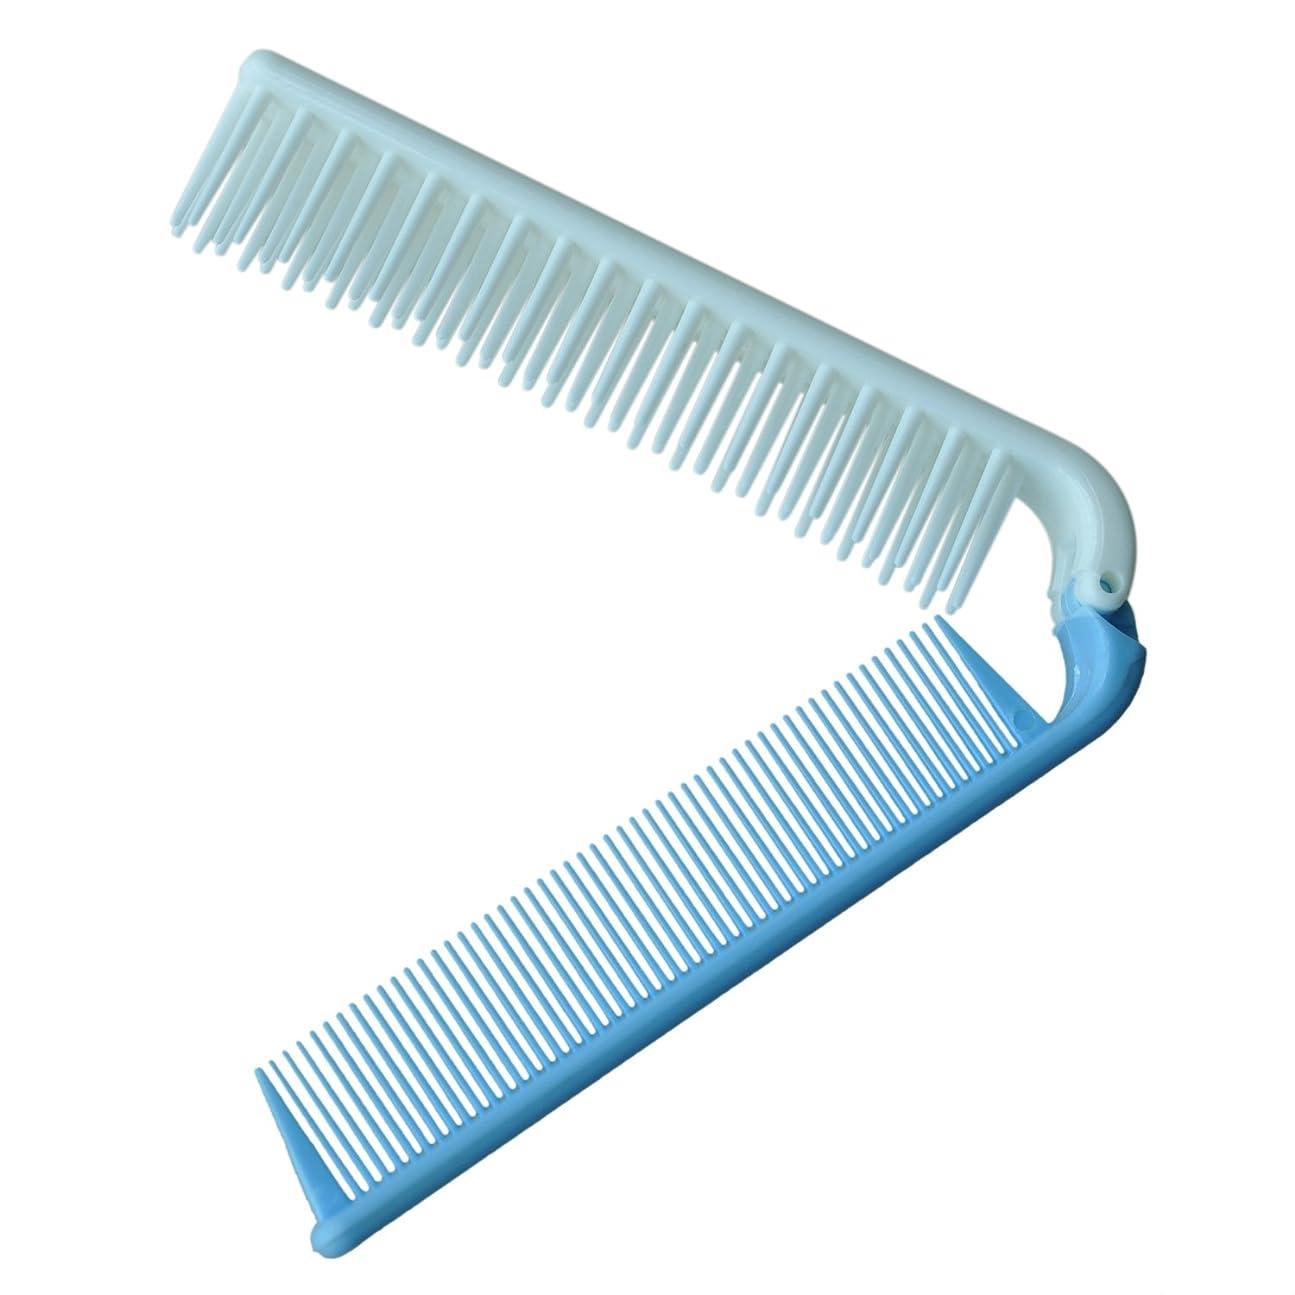 貞エンドテーブル唯一ACAMPTAR 旅行スカイブルー粗い歯の折りたたみデュアルヘアブラシ ポケットくし 7.4